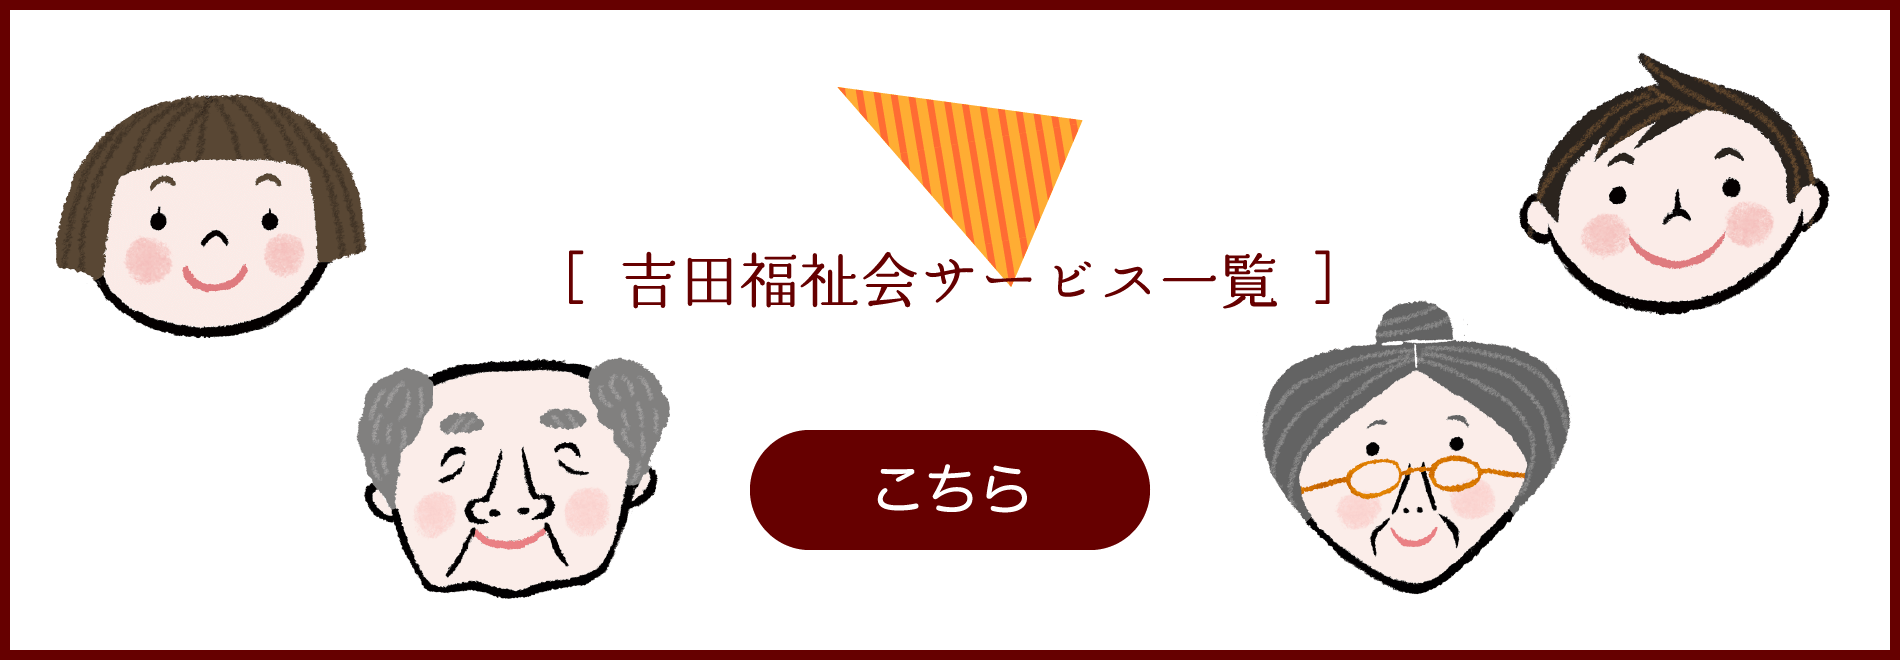 吉田福祉会サービス一覧